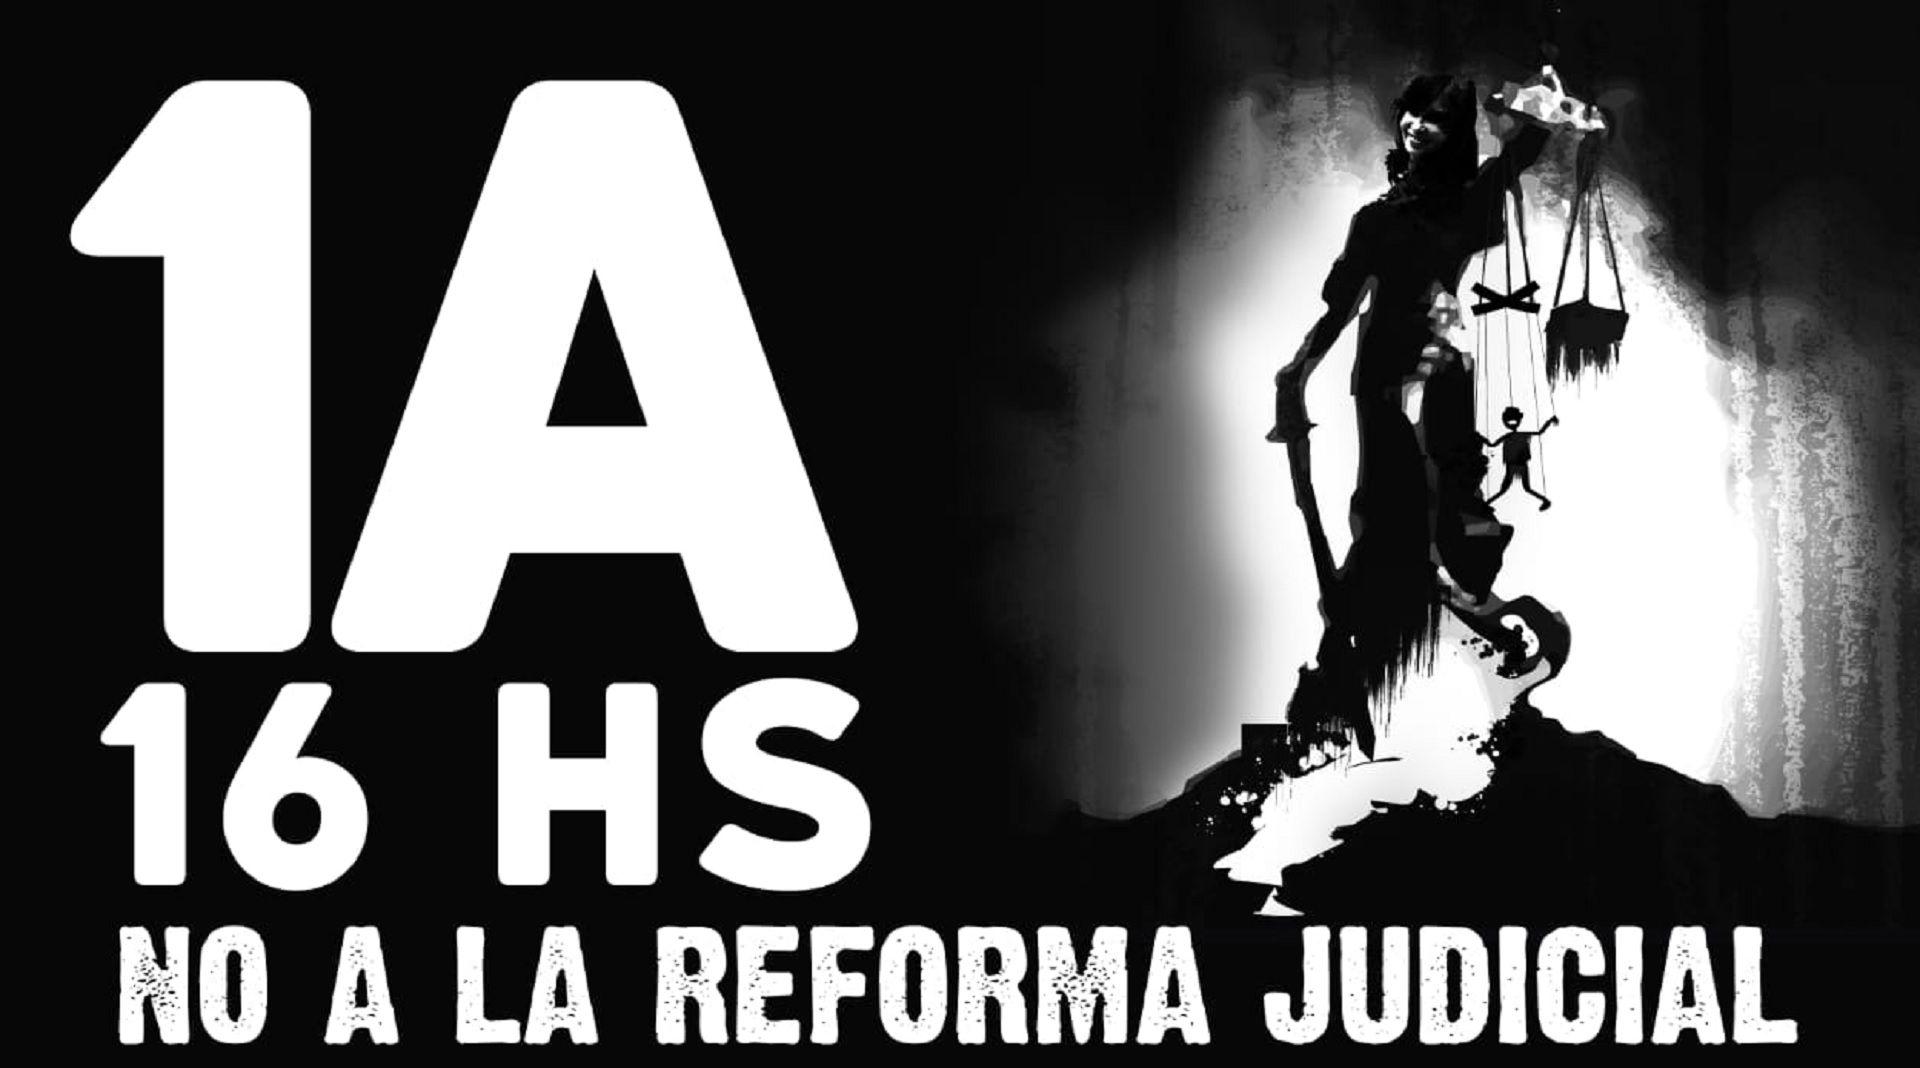 Roforma judicial